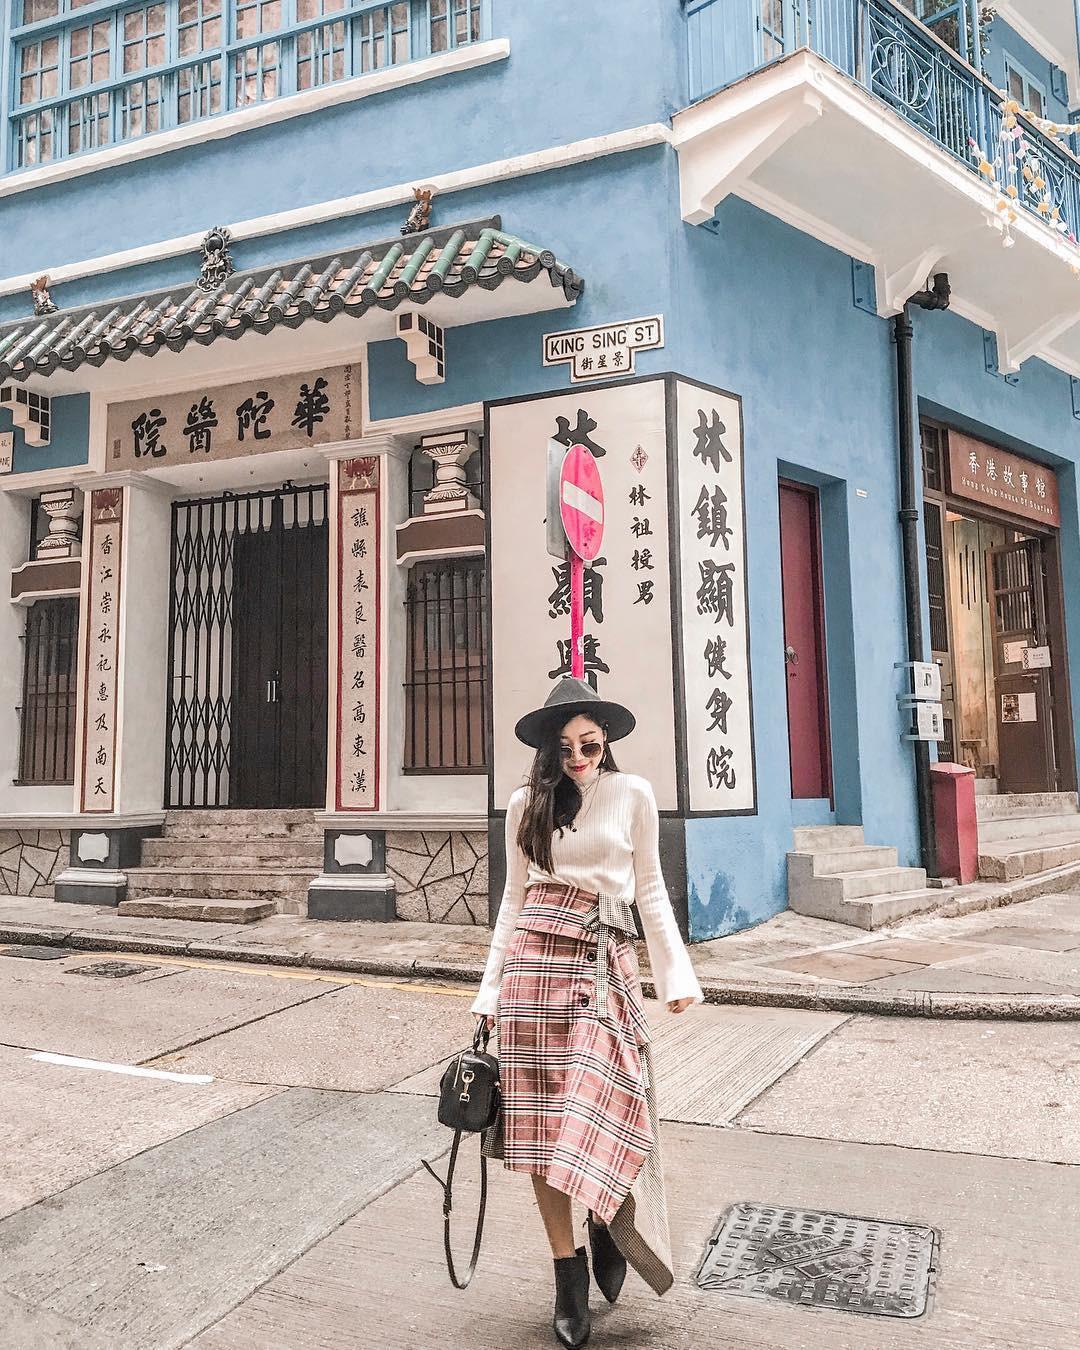 Bỏ túi ngay 8 điểm sống ảo nổi tiếng ở Hong Kong, vị trí thứ 2 hot đến nỗi còn lọt vào top được check-in nhiều nhất trên Instagram! - Ảnh 20.